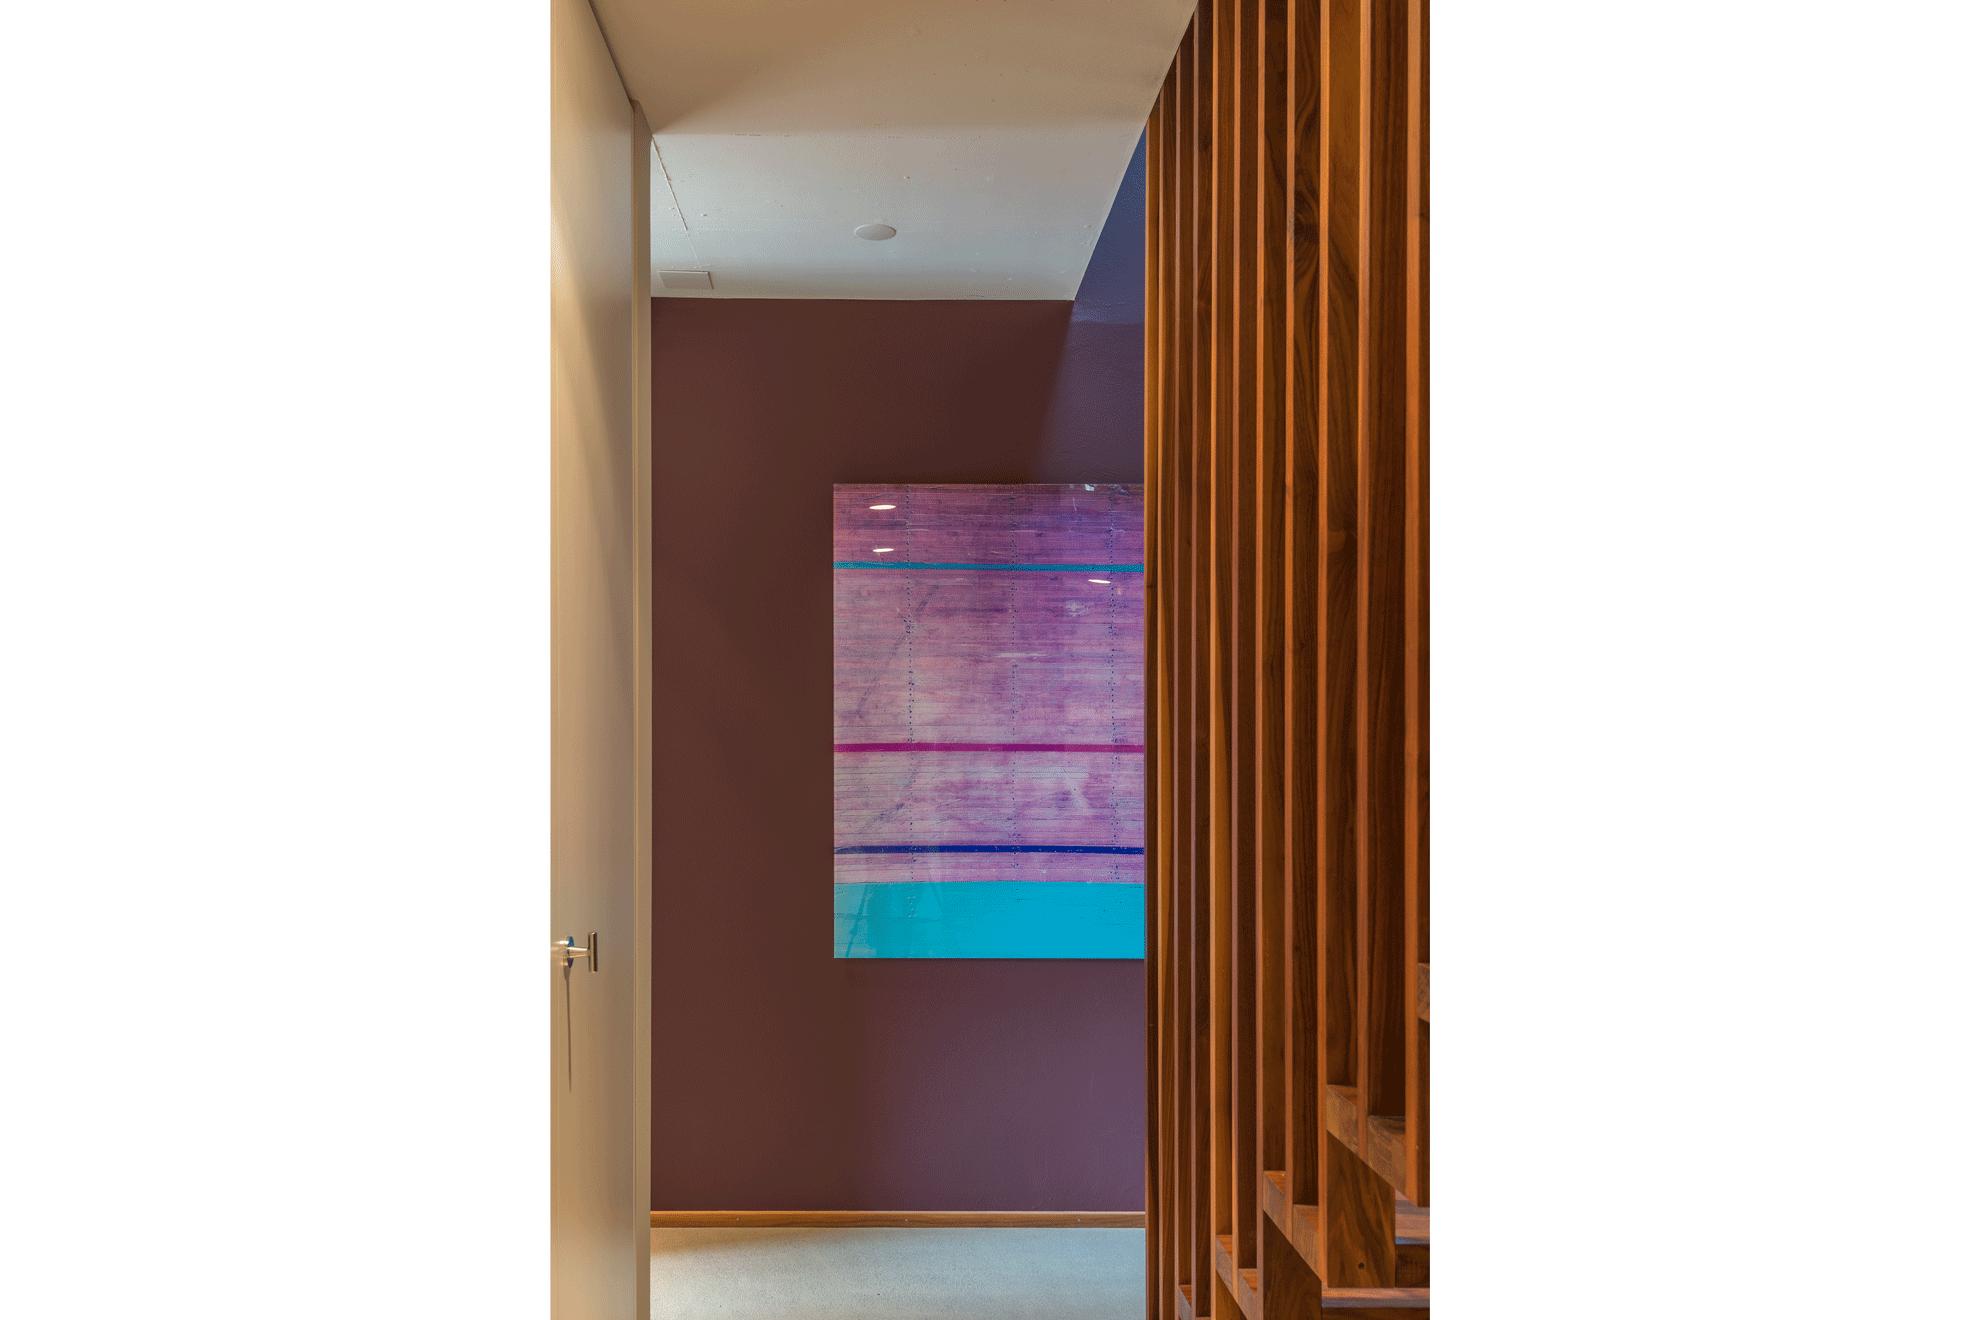 malen-wohnhaus-innen-h3zu2